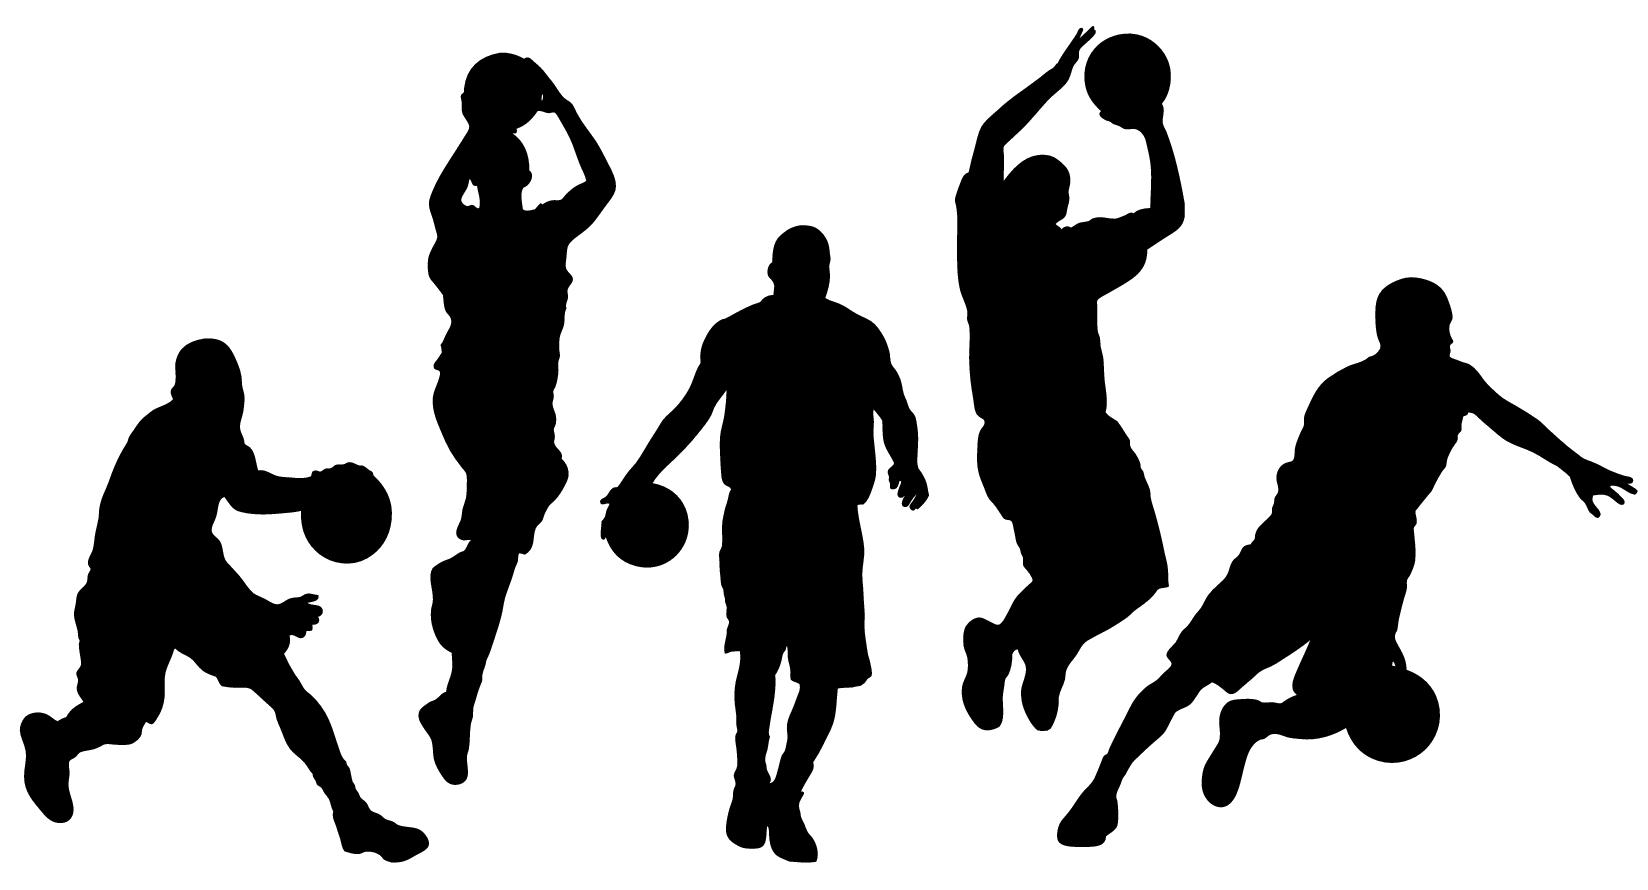 teamwork clipart basketball #145403817